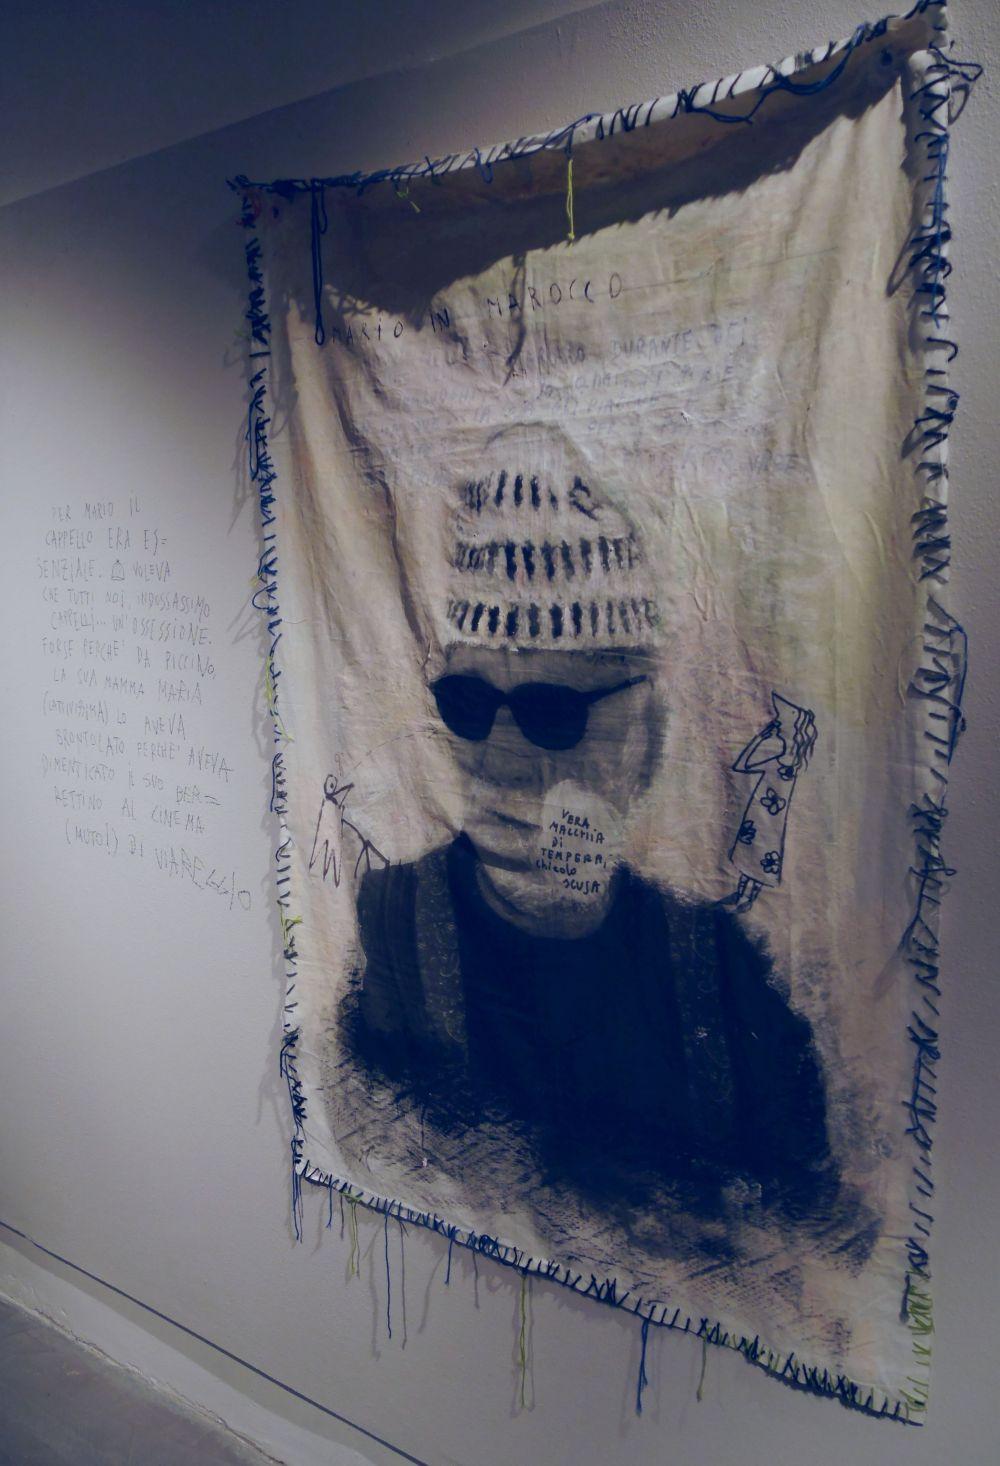 Mario Monicelli: la foto del regista su tela alla mostra a Viareggio